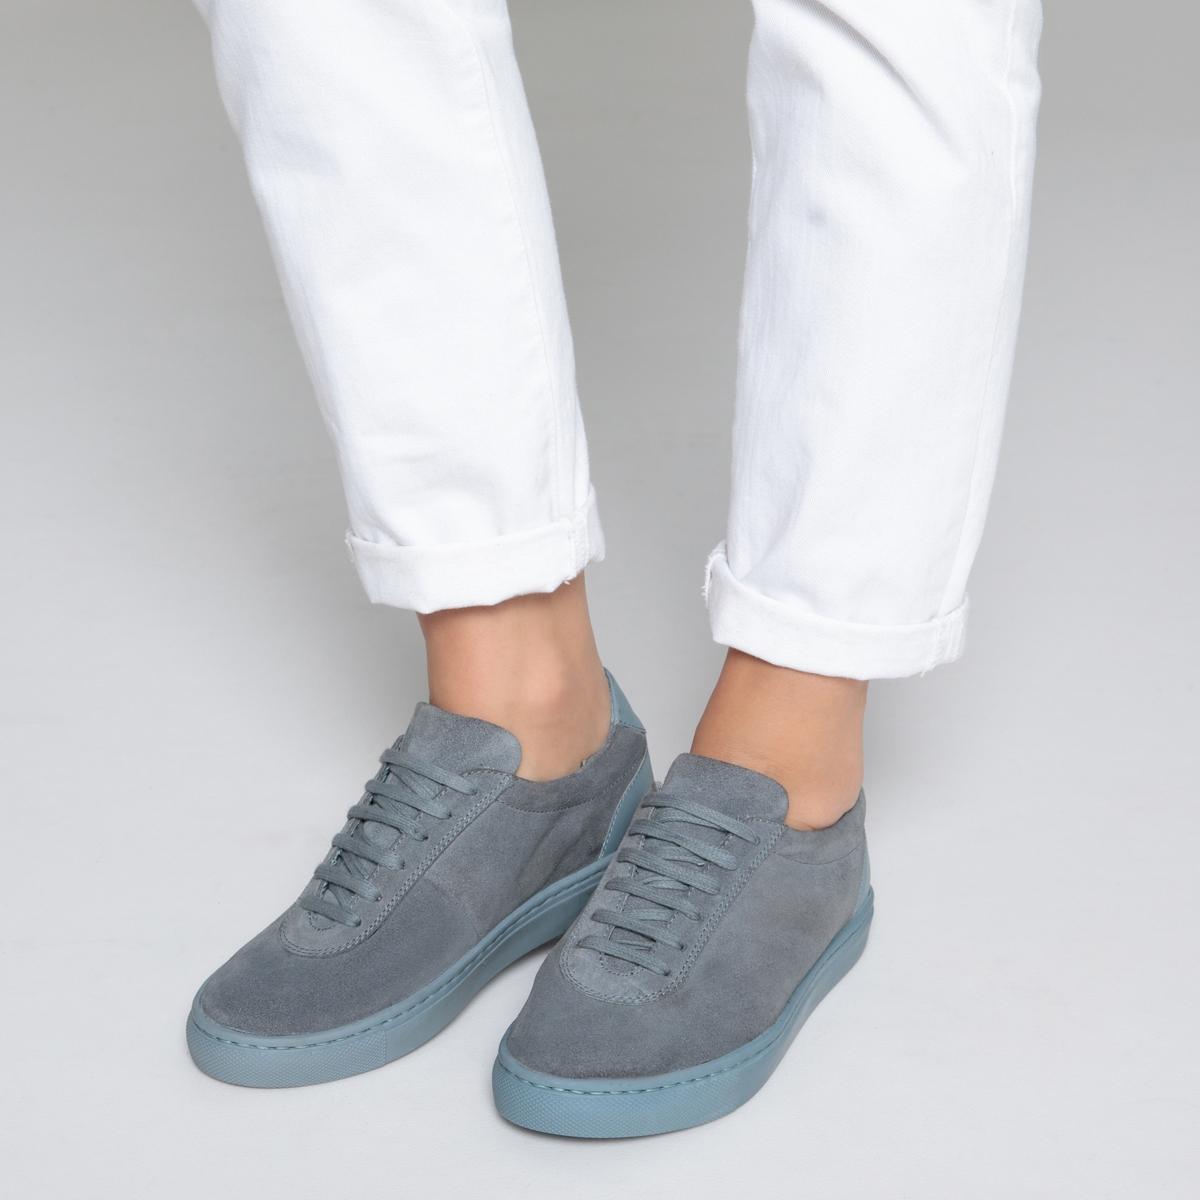 Кеды кожаные из двух материаловДетали  •  Спортивный стиль •  Плоский каблук •  Высота каблука : 0 см •  Застежка : шнуровка •  Гладкая отделкаСостав и уход  •  Верх 100% кожа •  Подкладка 100% текстиль •  Стелька 100% текстиль •  Подошва 100% эластомер<br><br>Цвет: сине-серый,Темно-телесный<br>Размер: 39.38.40.38.37